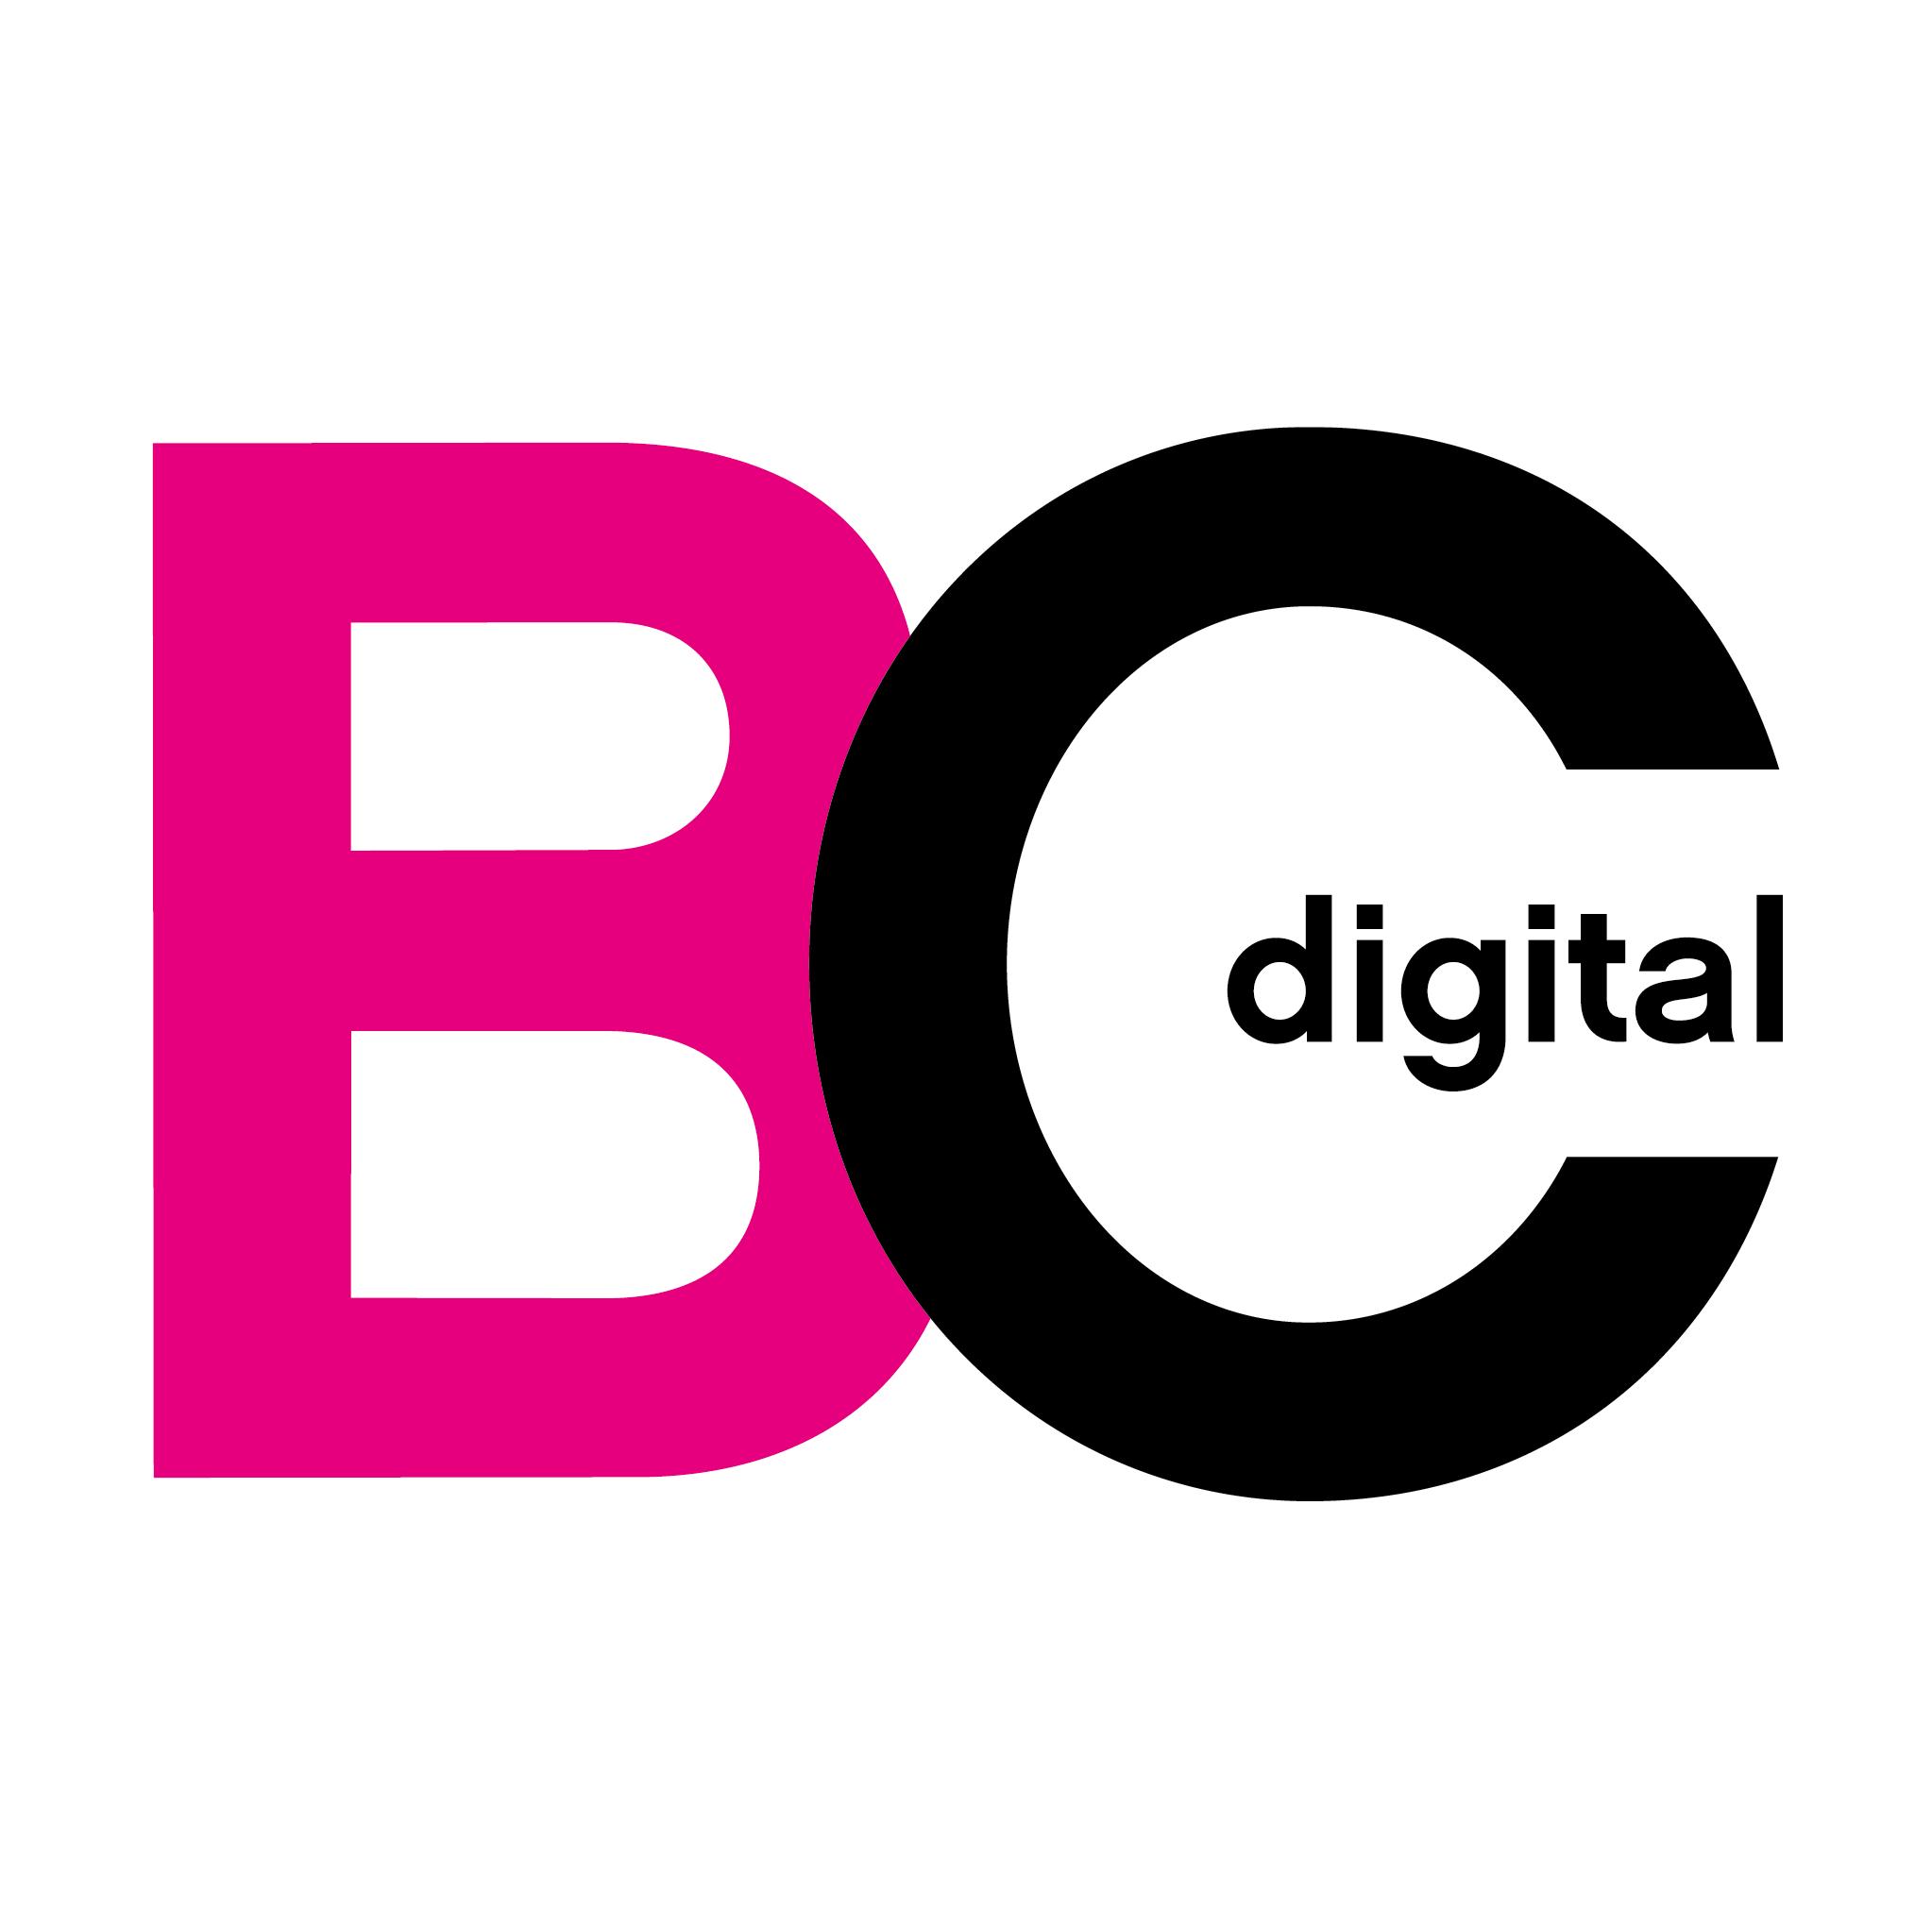 circl.es aplikacija za upoznavanje